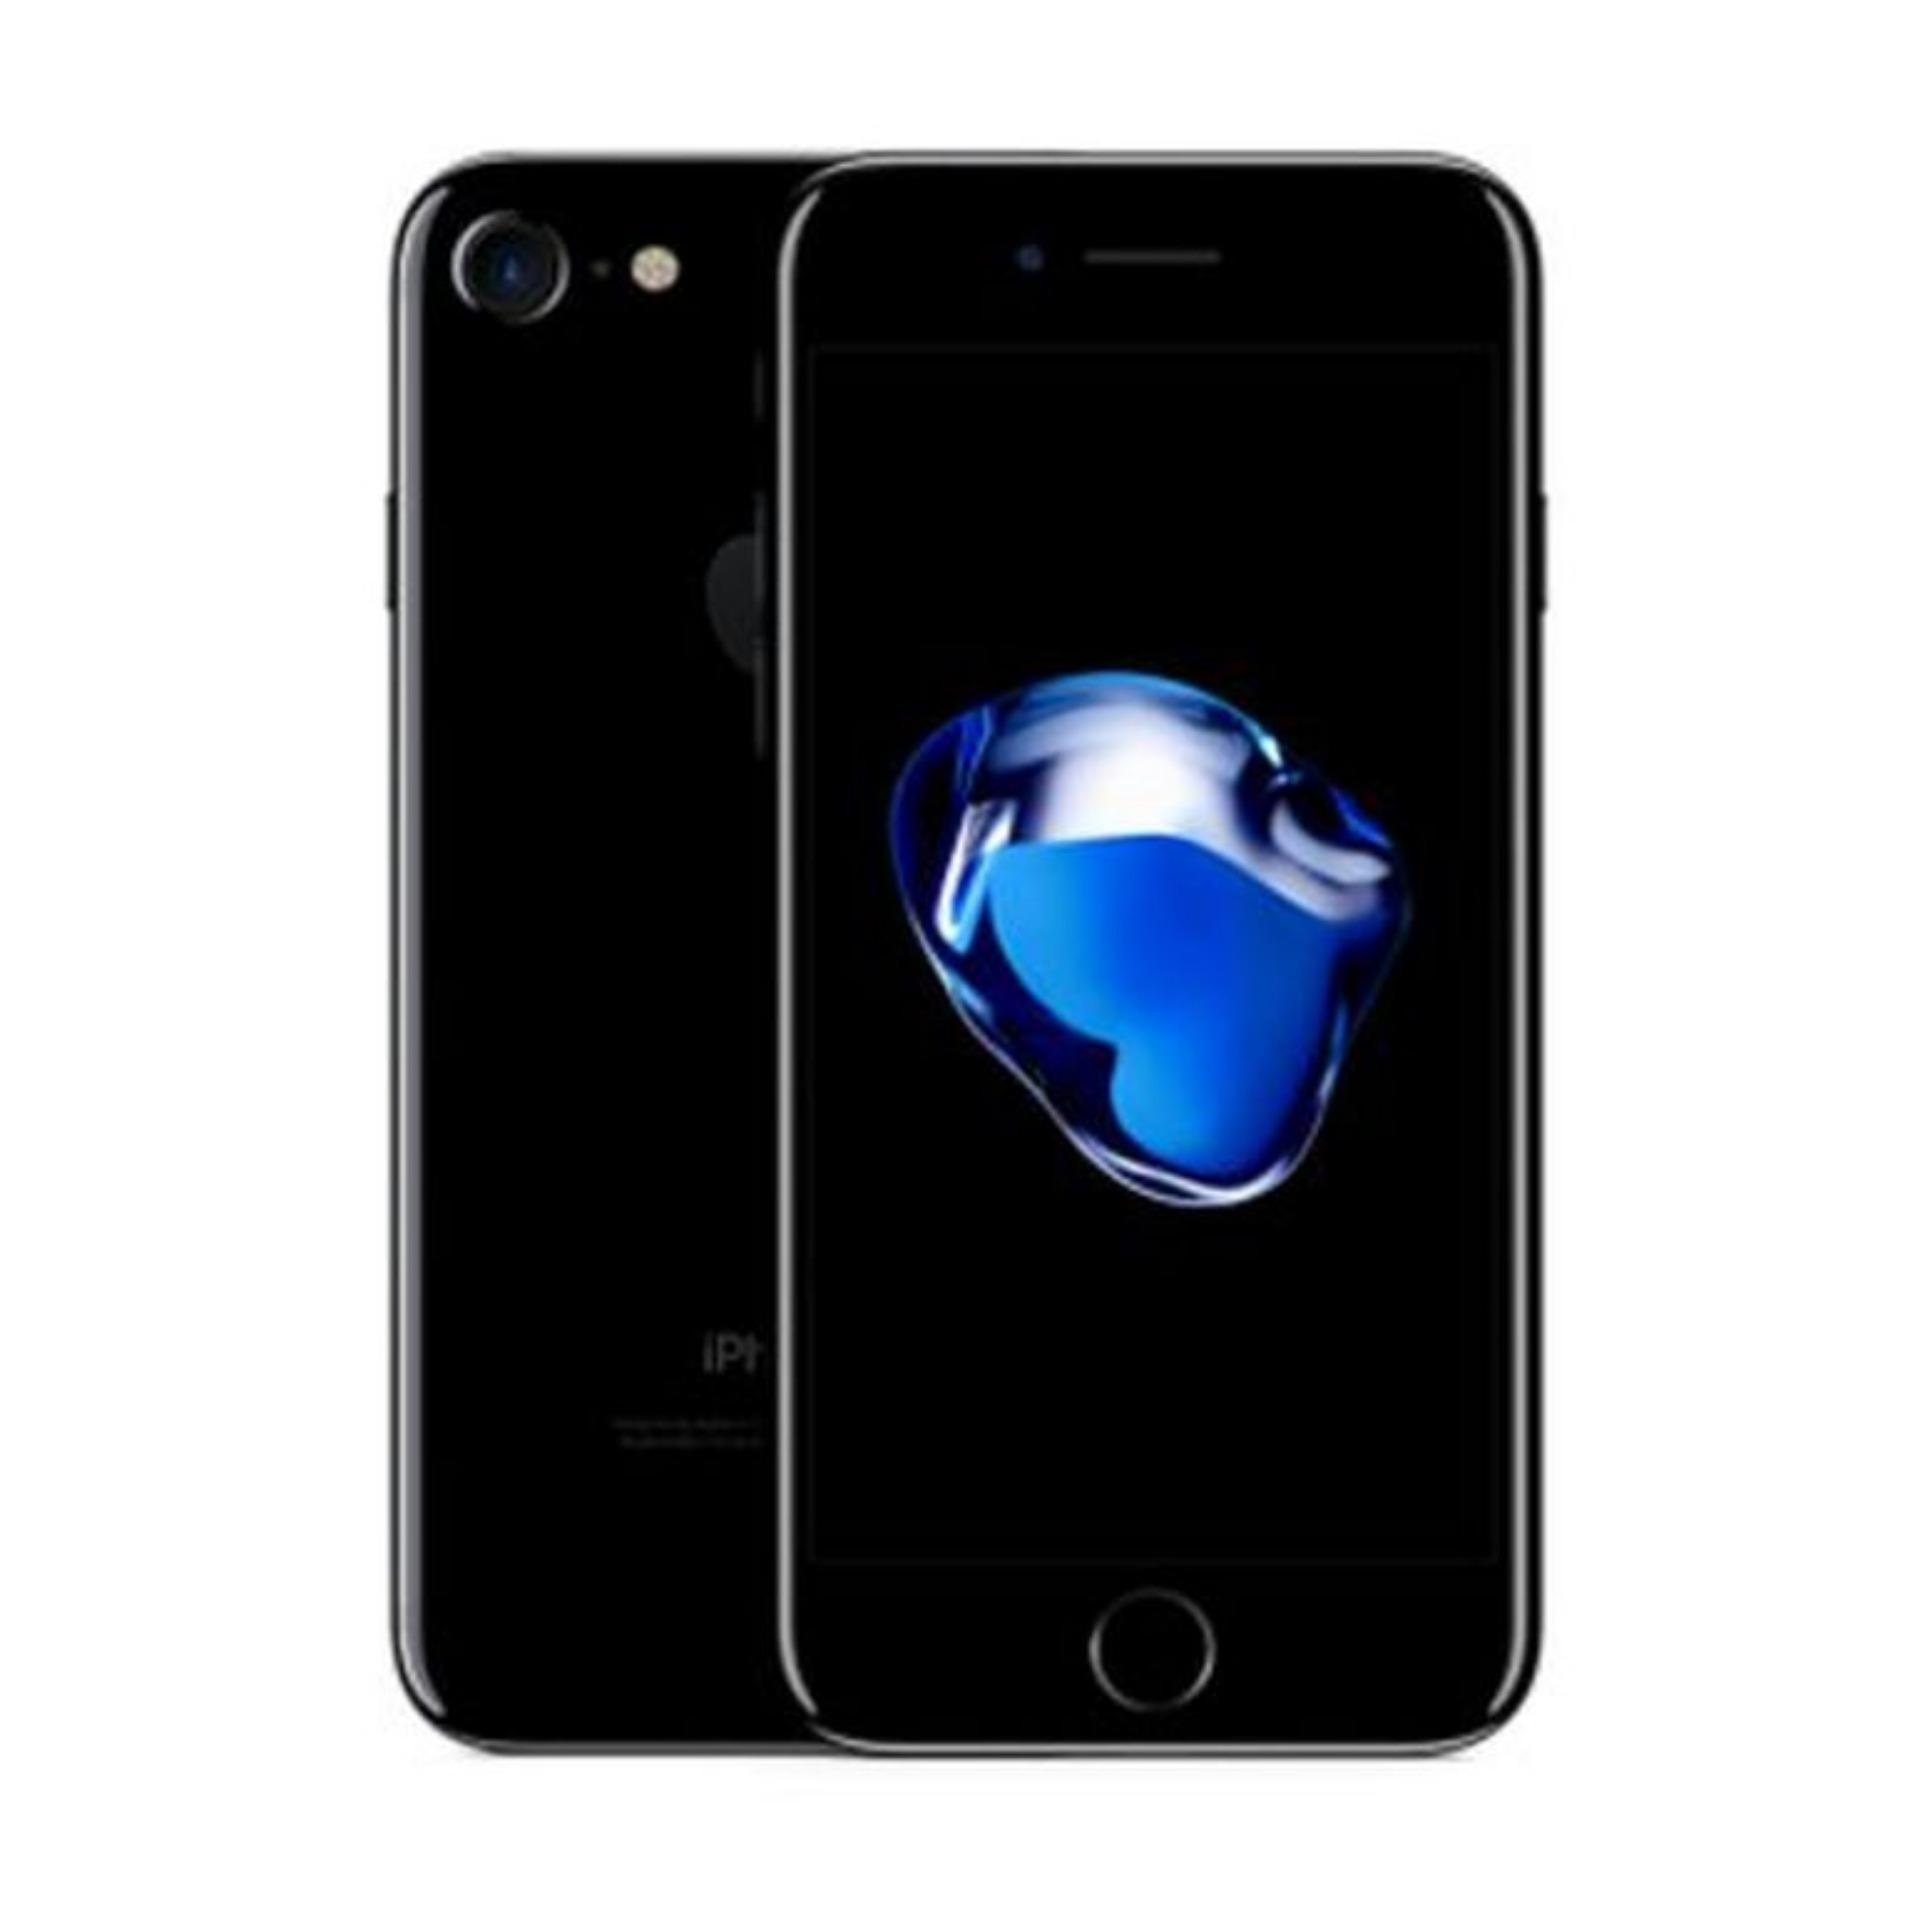 Promo Khusus Apple Iphone 5 32gb Black Garansi 1 Tahun Hari Ini Saja Rom Ram 2gb 7